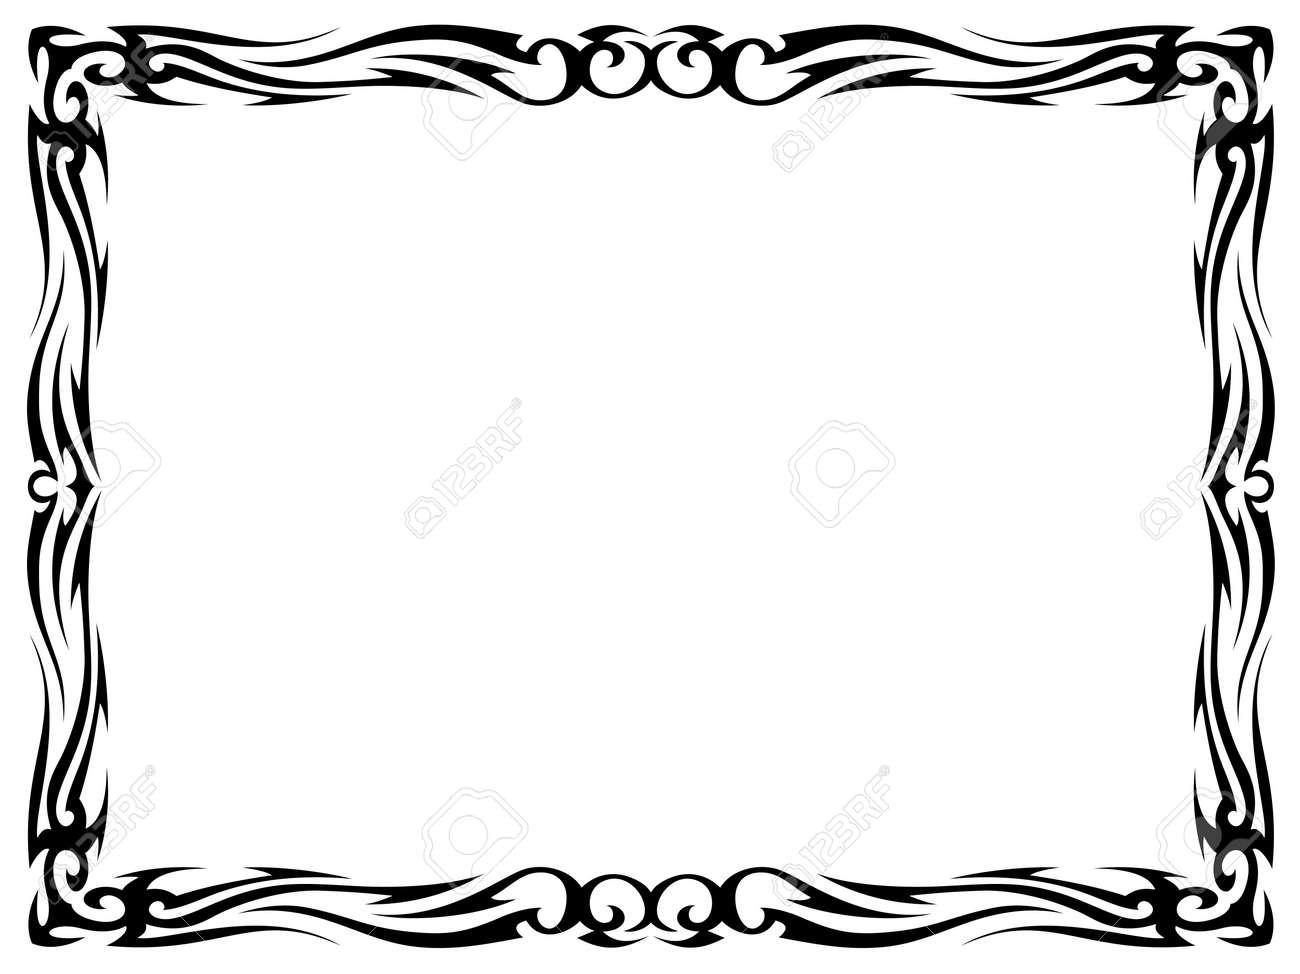 Bien-aimé Simples Tatouage Noir Ornement Isolés Cadre Décoratif Clip Art  CP96